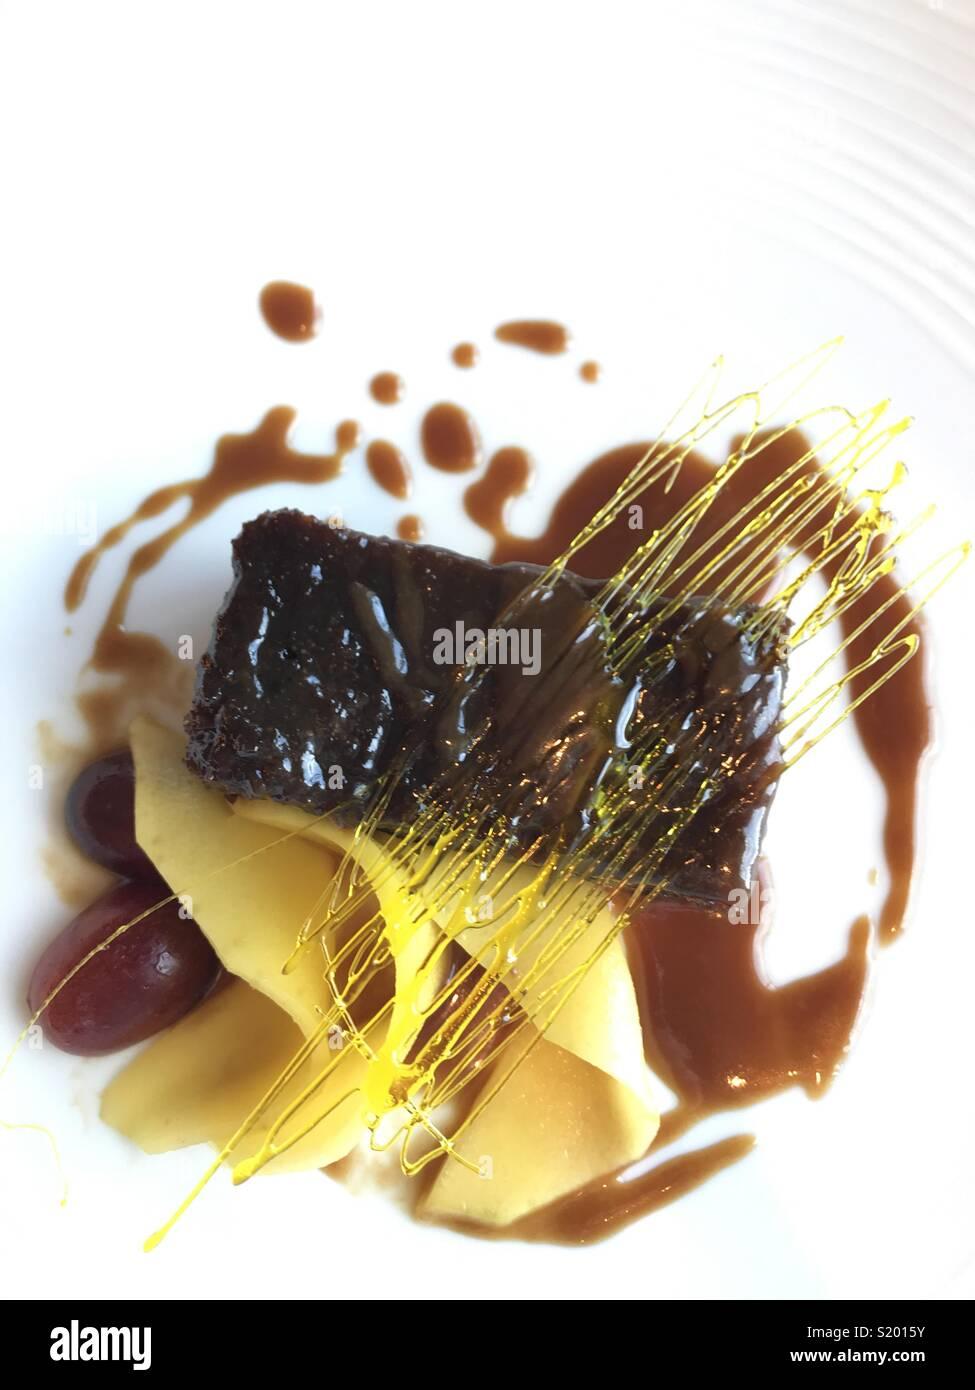 Schön Dessert der Sticky Toffee Pudding mit Spin Zucker Dekoration und Obst vorgestellt Stockbild